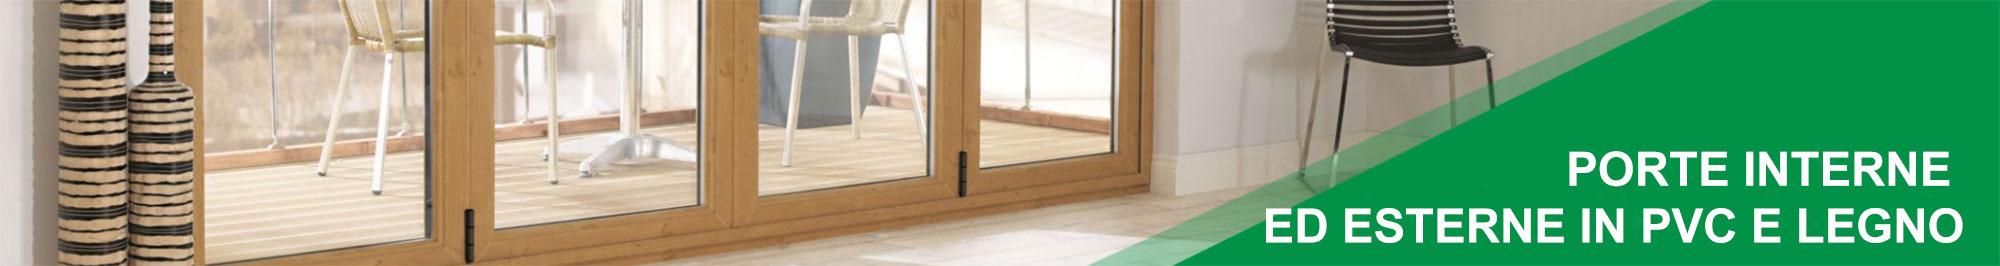 Pvc porte desa fenster - Coibentazione davanzali finestre ...